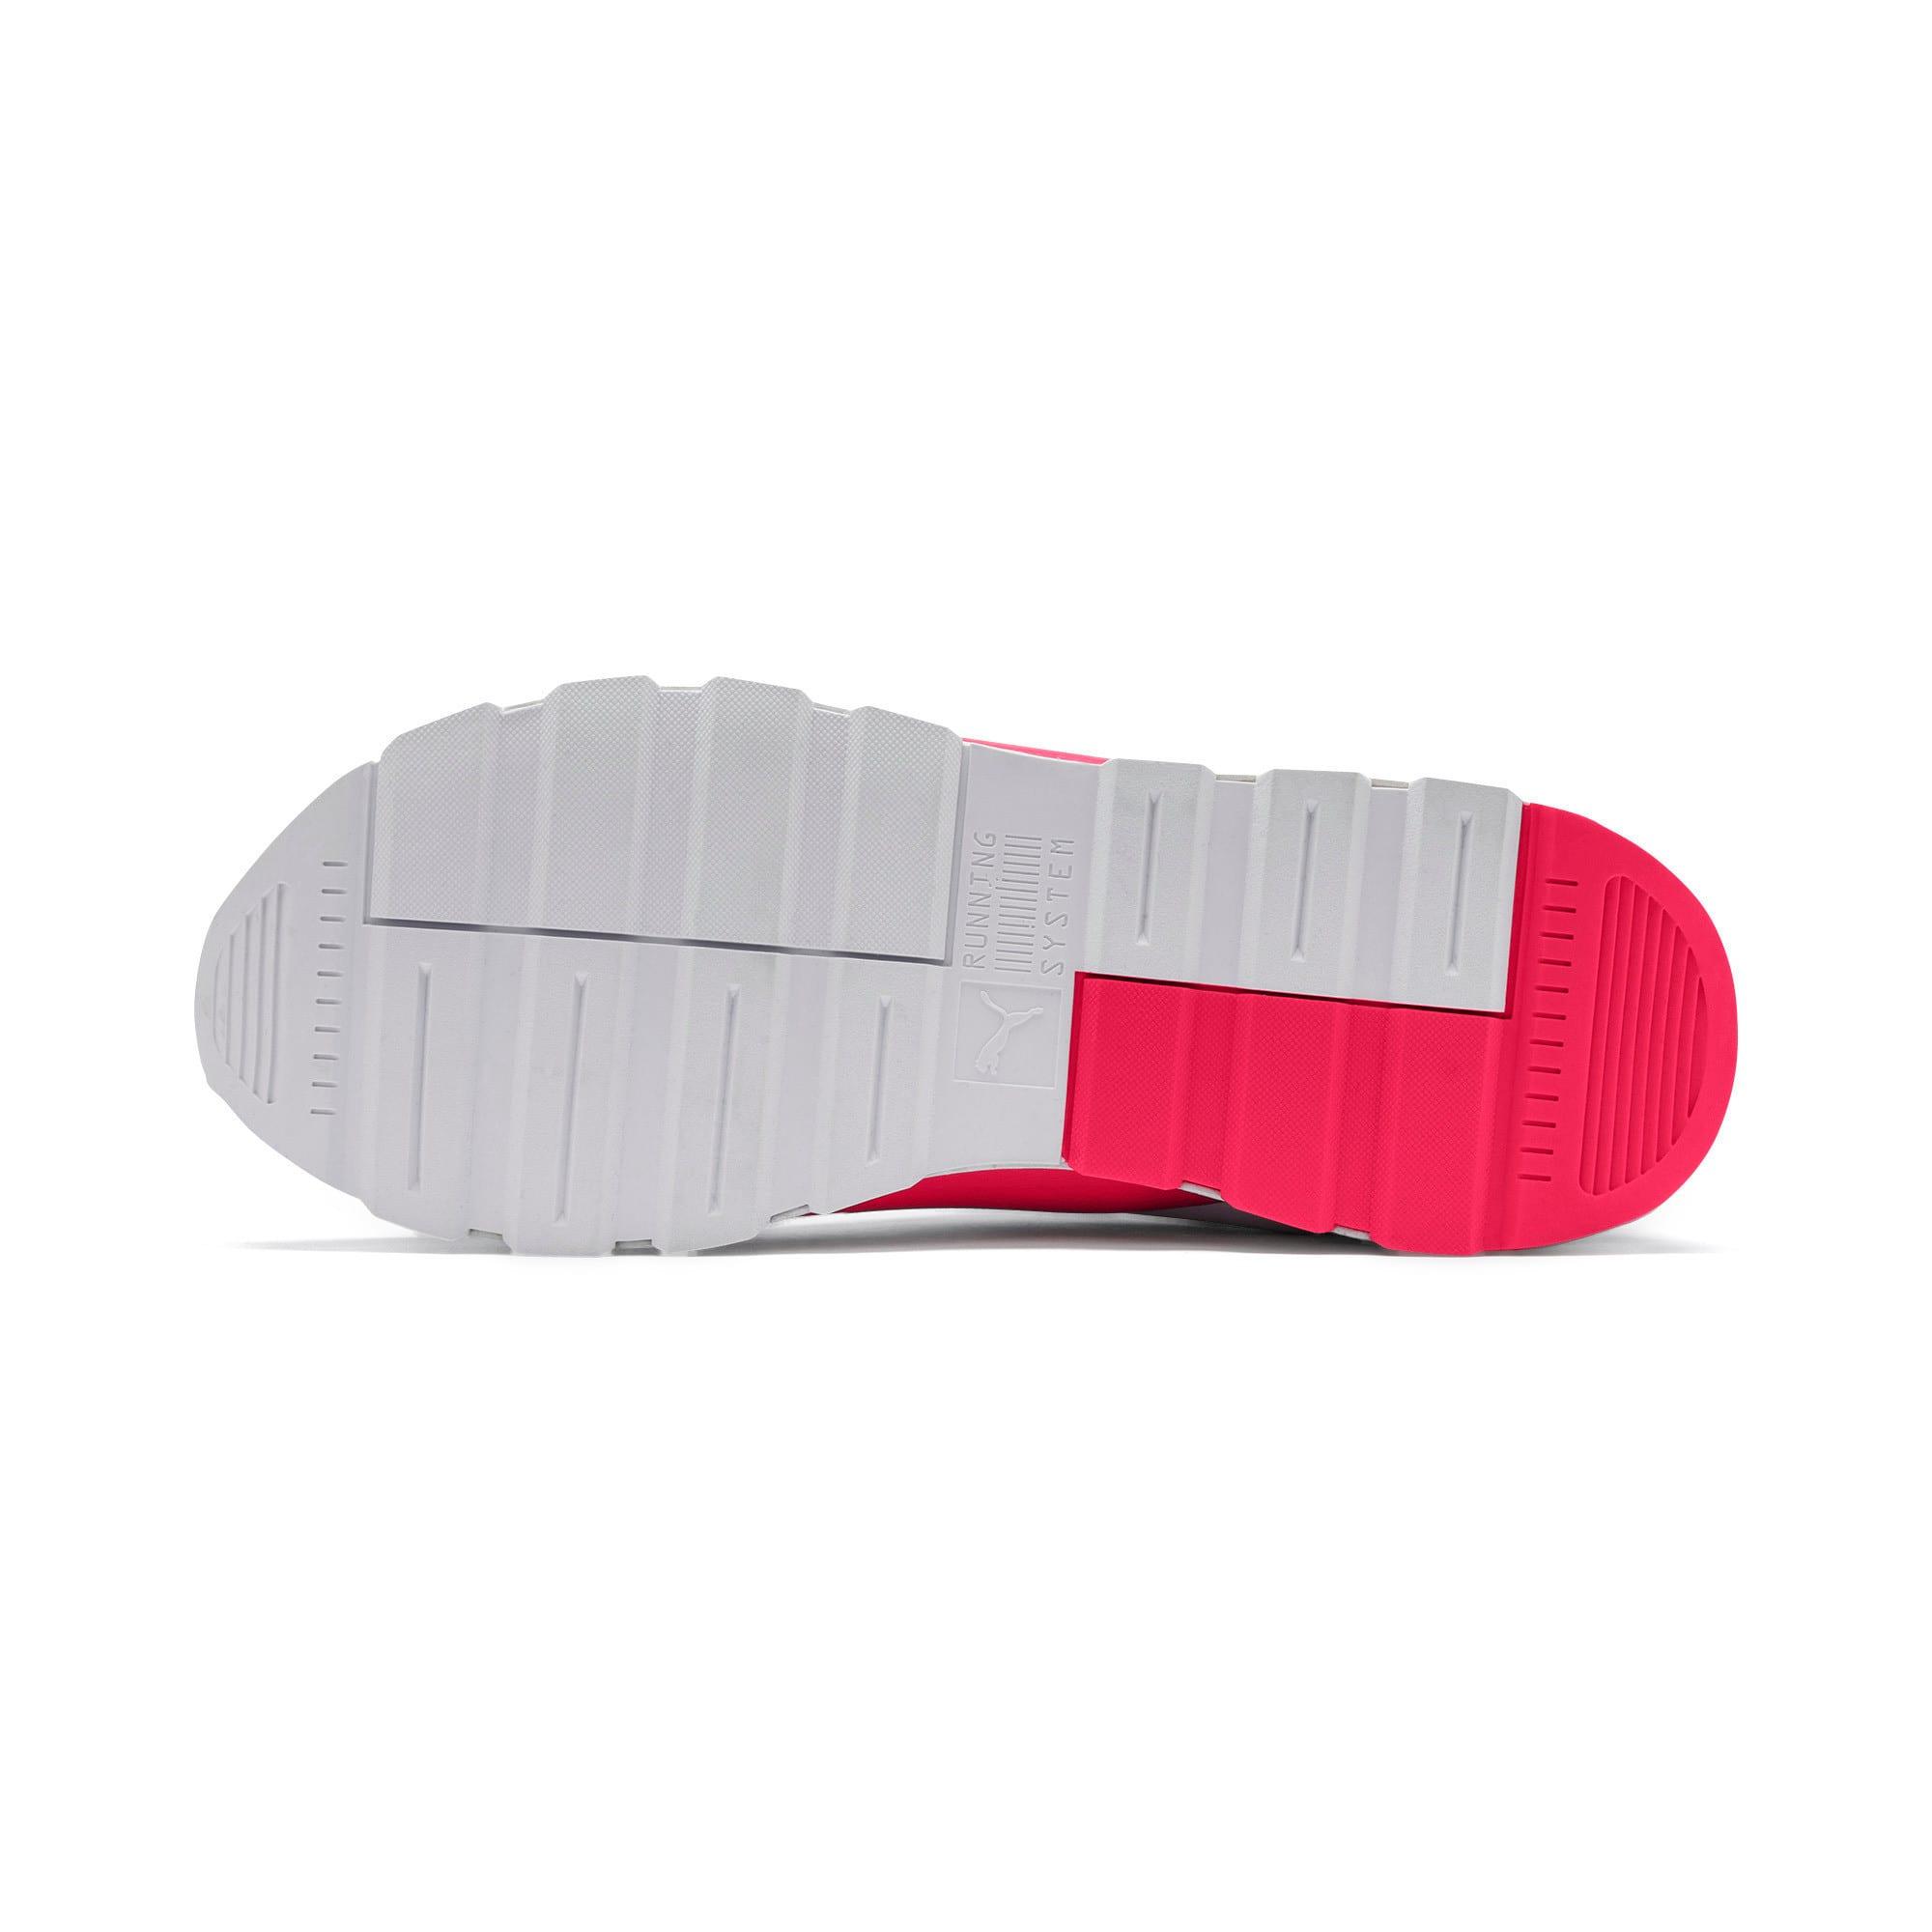 Thumbnail 4 of RS-0 Core Sneaker, Puma White-S Web-Nrgy Rose, medium